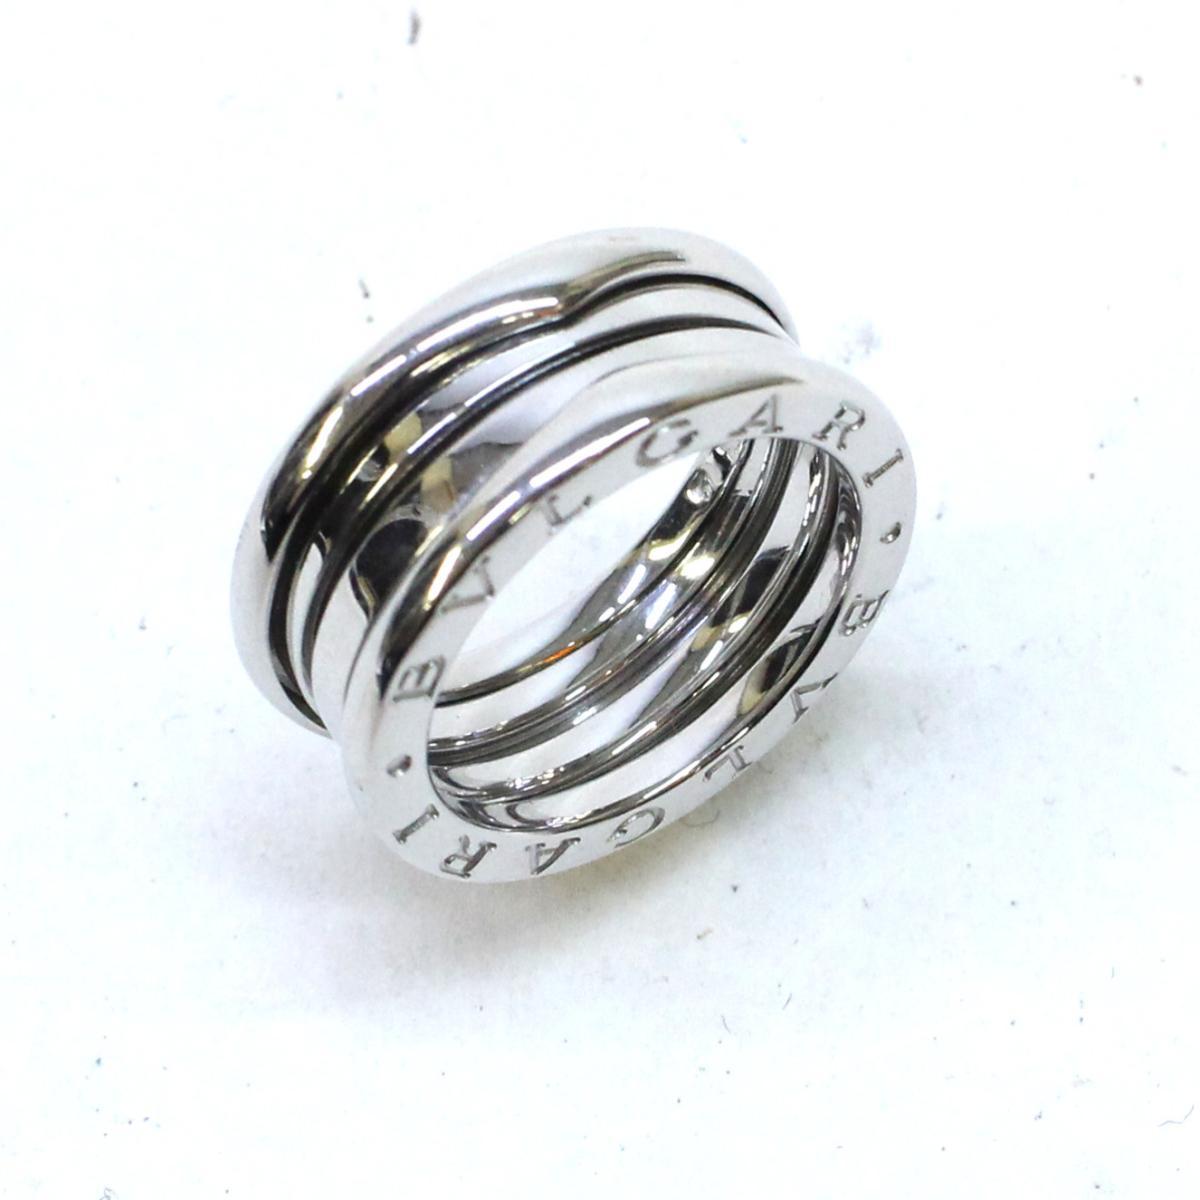 【中古】 ブルガリ B-zero1 リング Sサイズ レディース K18WG (750) ホワイトゴールド シルバー | BVLGARI BRANDOFF ブランドオフ ブランド ジュエリー アクセサリー 指輪